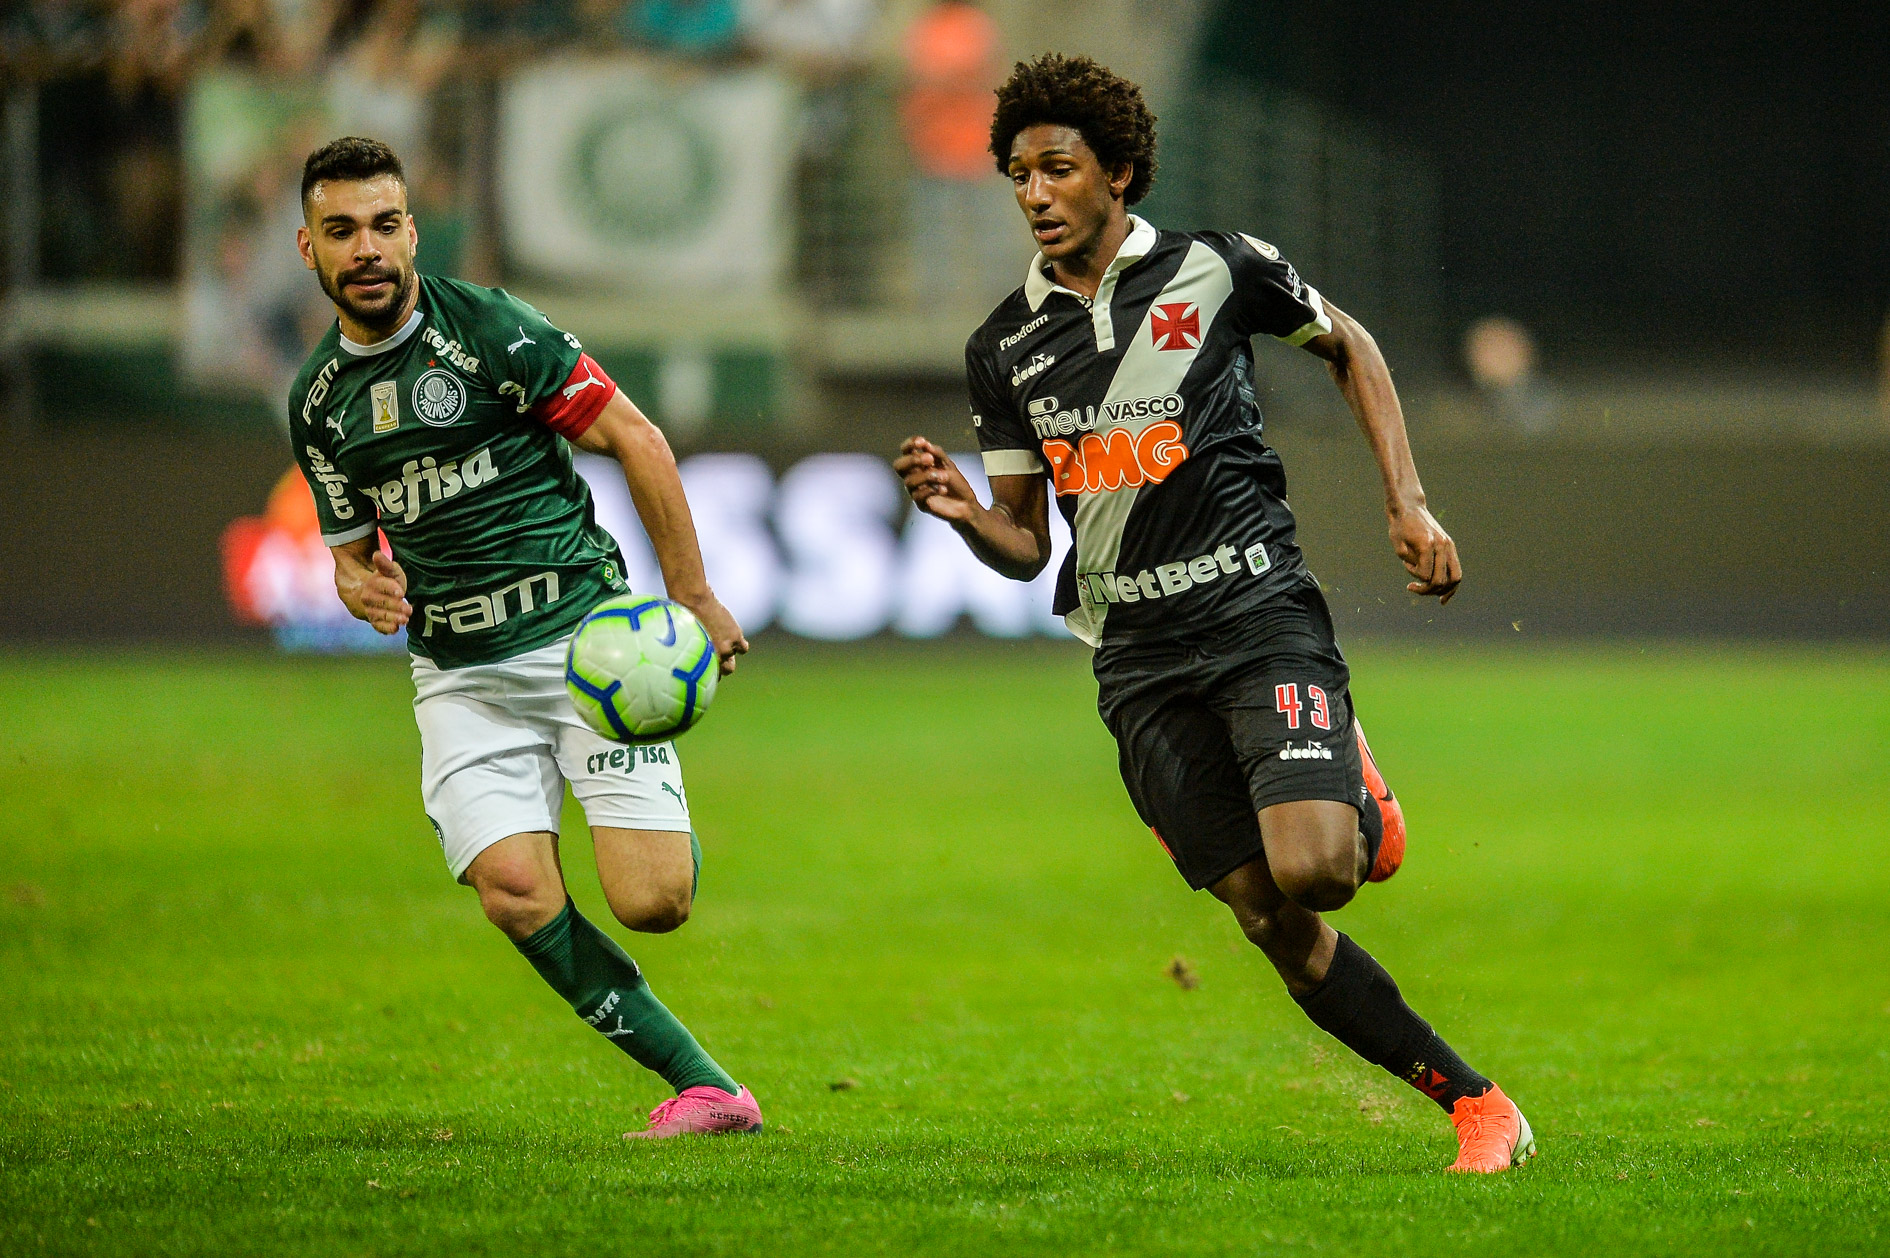 Palmeiras_X_Vasco_dudabairros_Agif_0965.